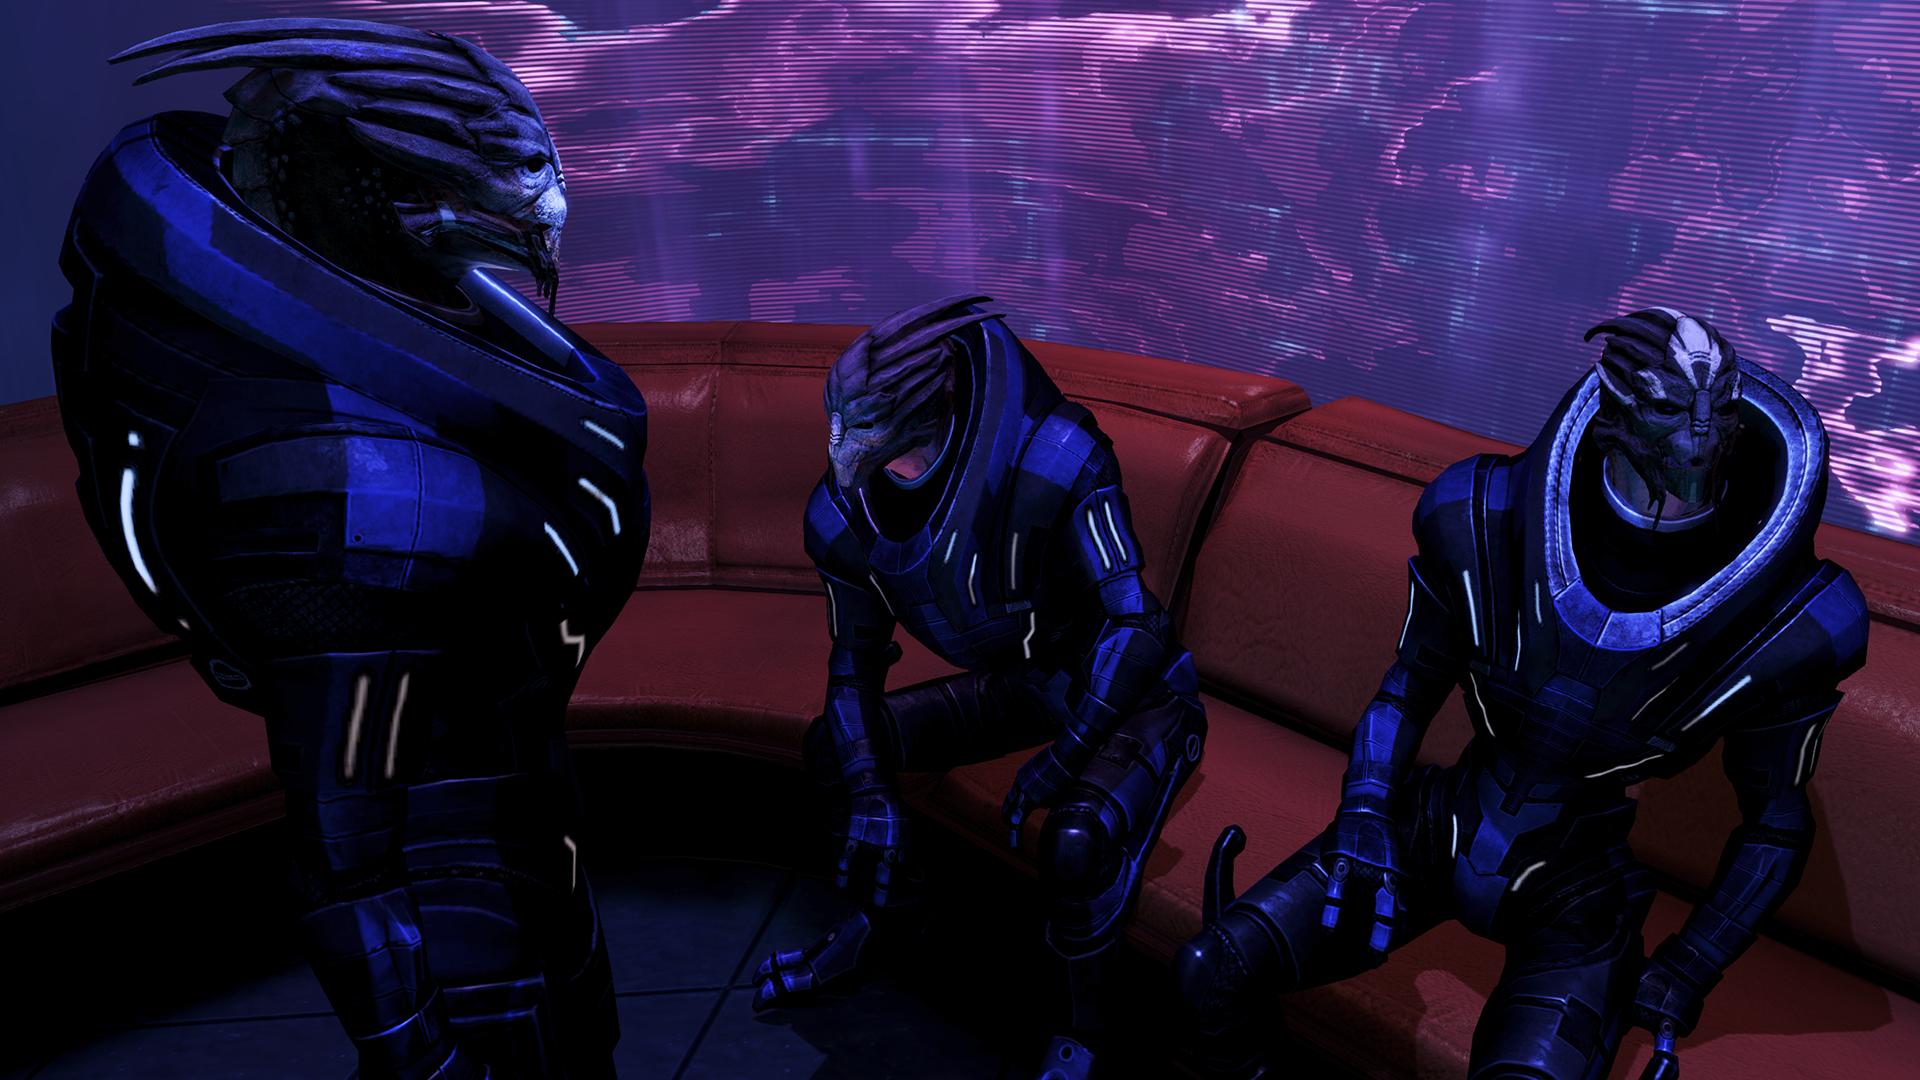 Apien Crest Banner Of The First Regiment Mass Effect Wiki